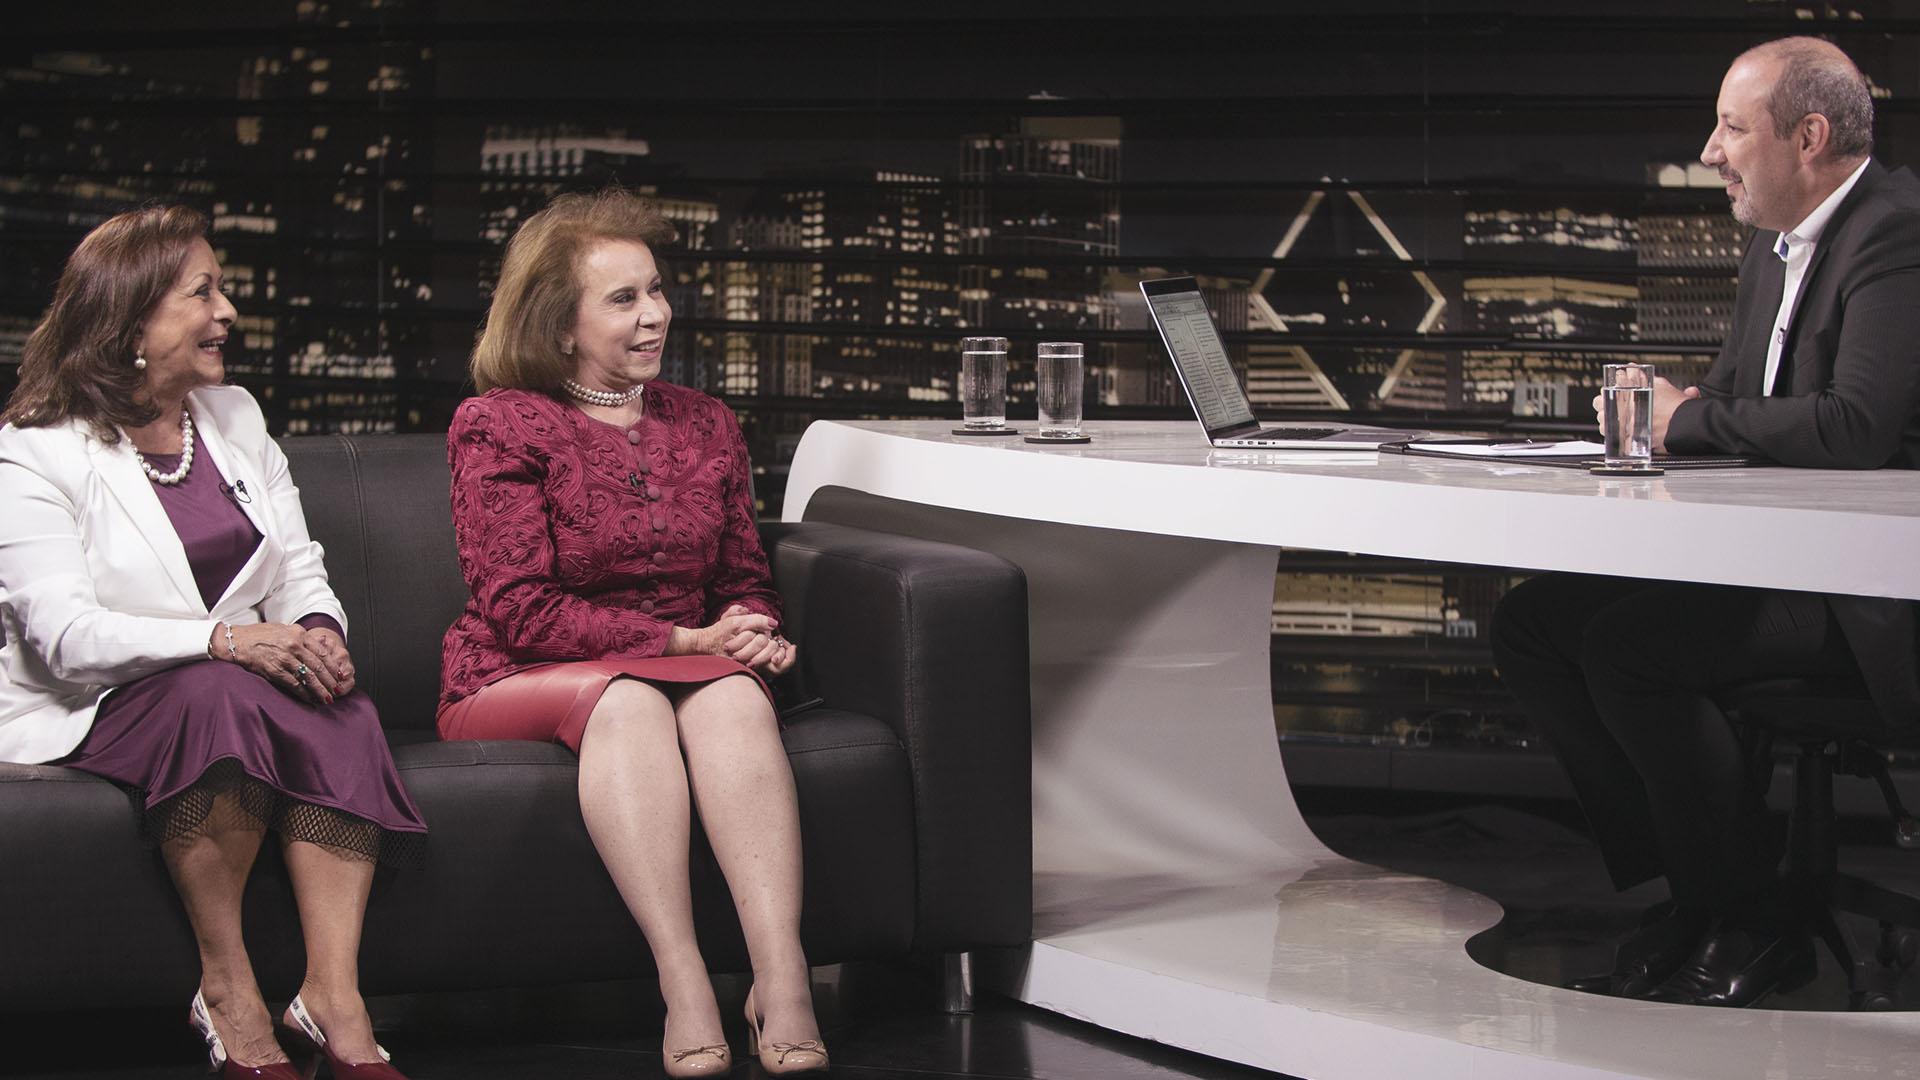 Janete Vaz (esquerda) e Sandra Costa (direita) durante gravação do Estudo de Caso do meuSucesso